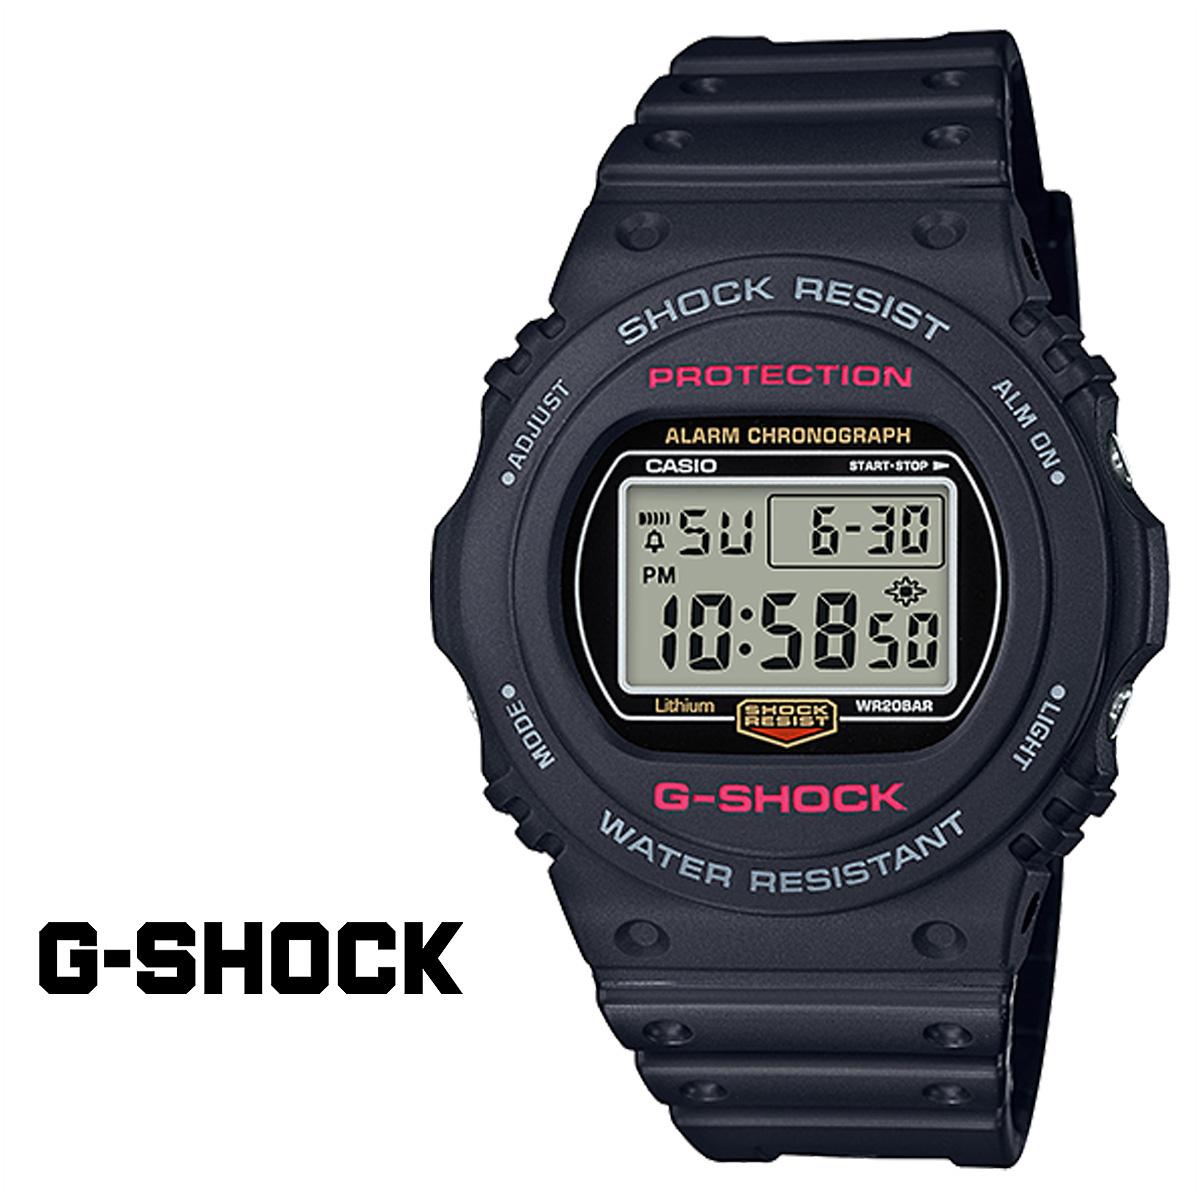 【最大2000円OFFクーポン】 カシオ CASIO G-SHOCK 腕時計 DW-5750E-1JF Gショック G-ショック ブラック メンズ レディース